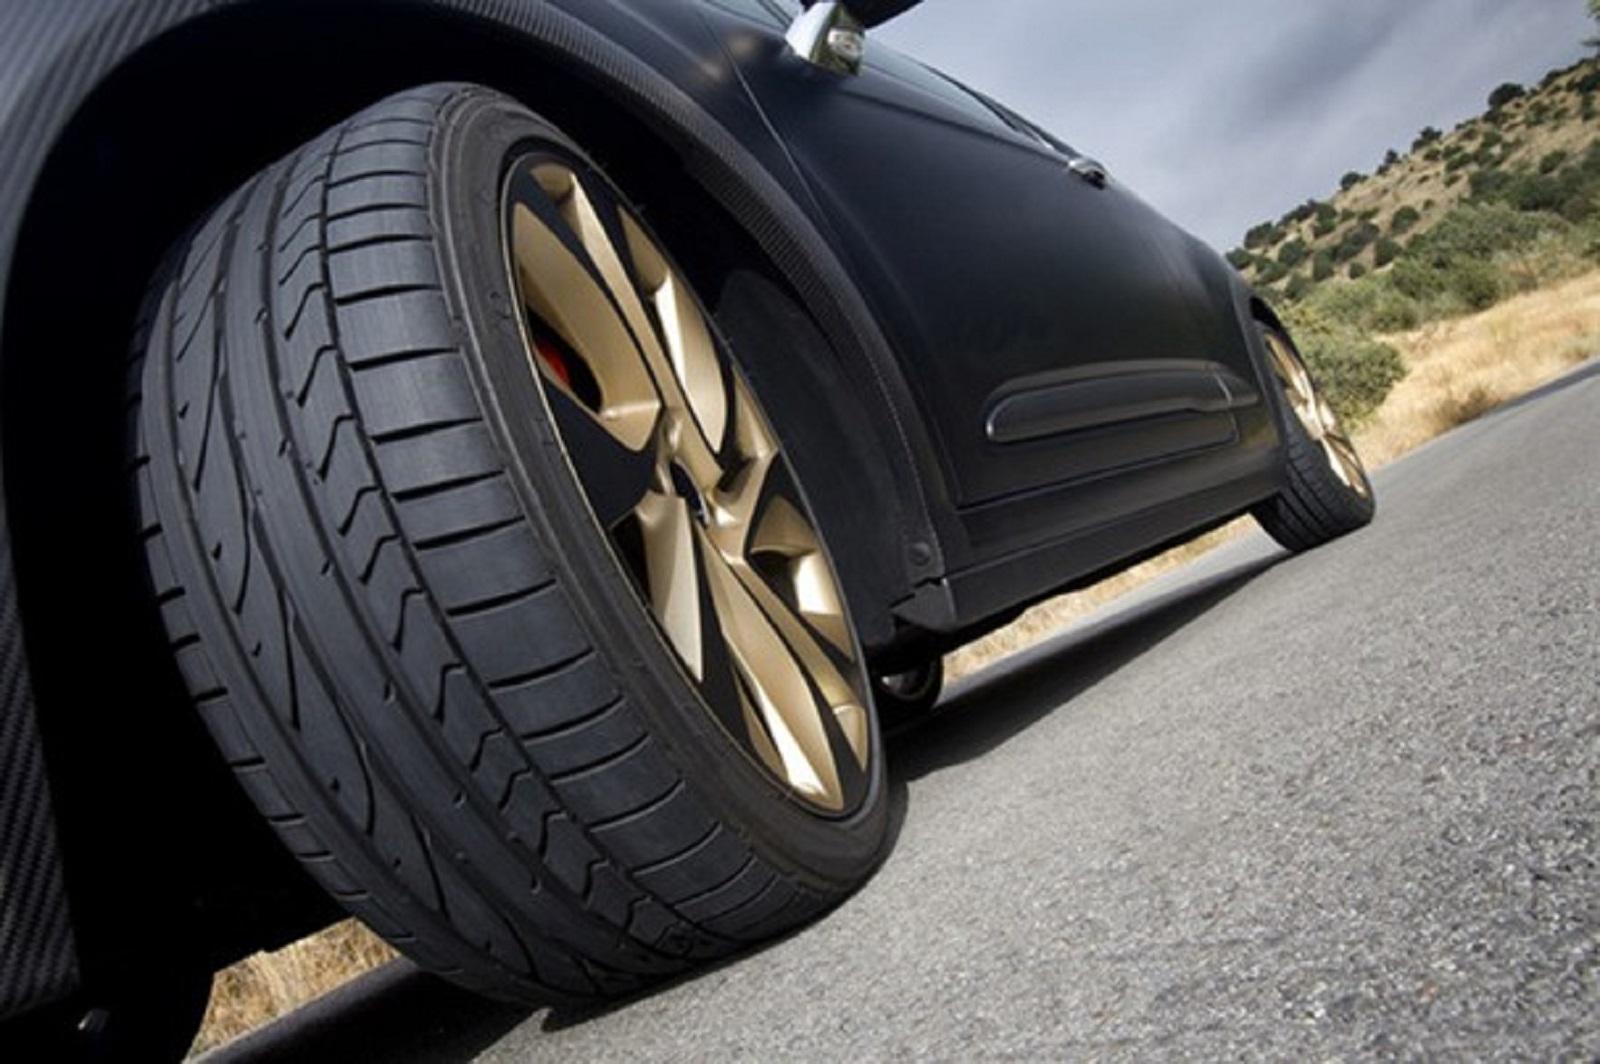 Hoa lốp ô tô ảnh hưởng thế nào khi xe vận hành? Ảnh 3